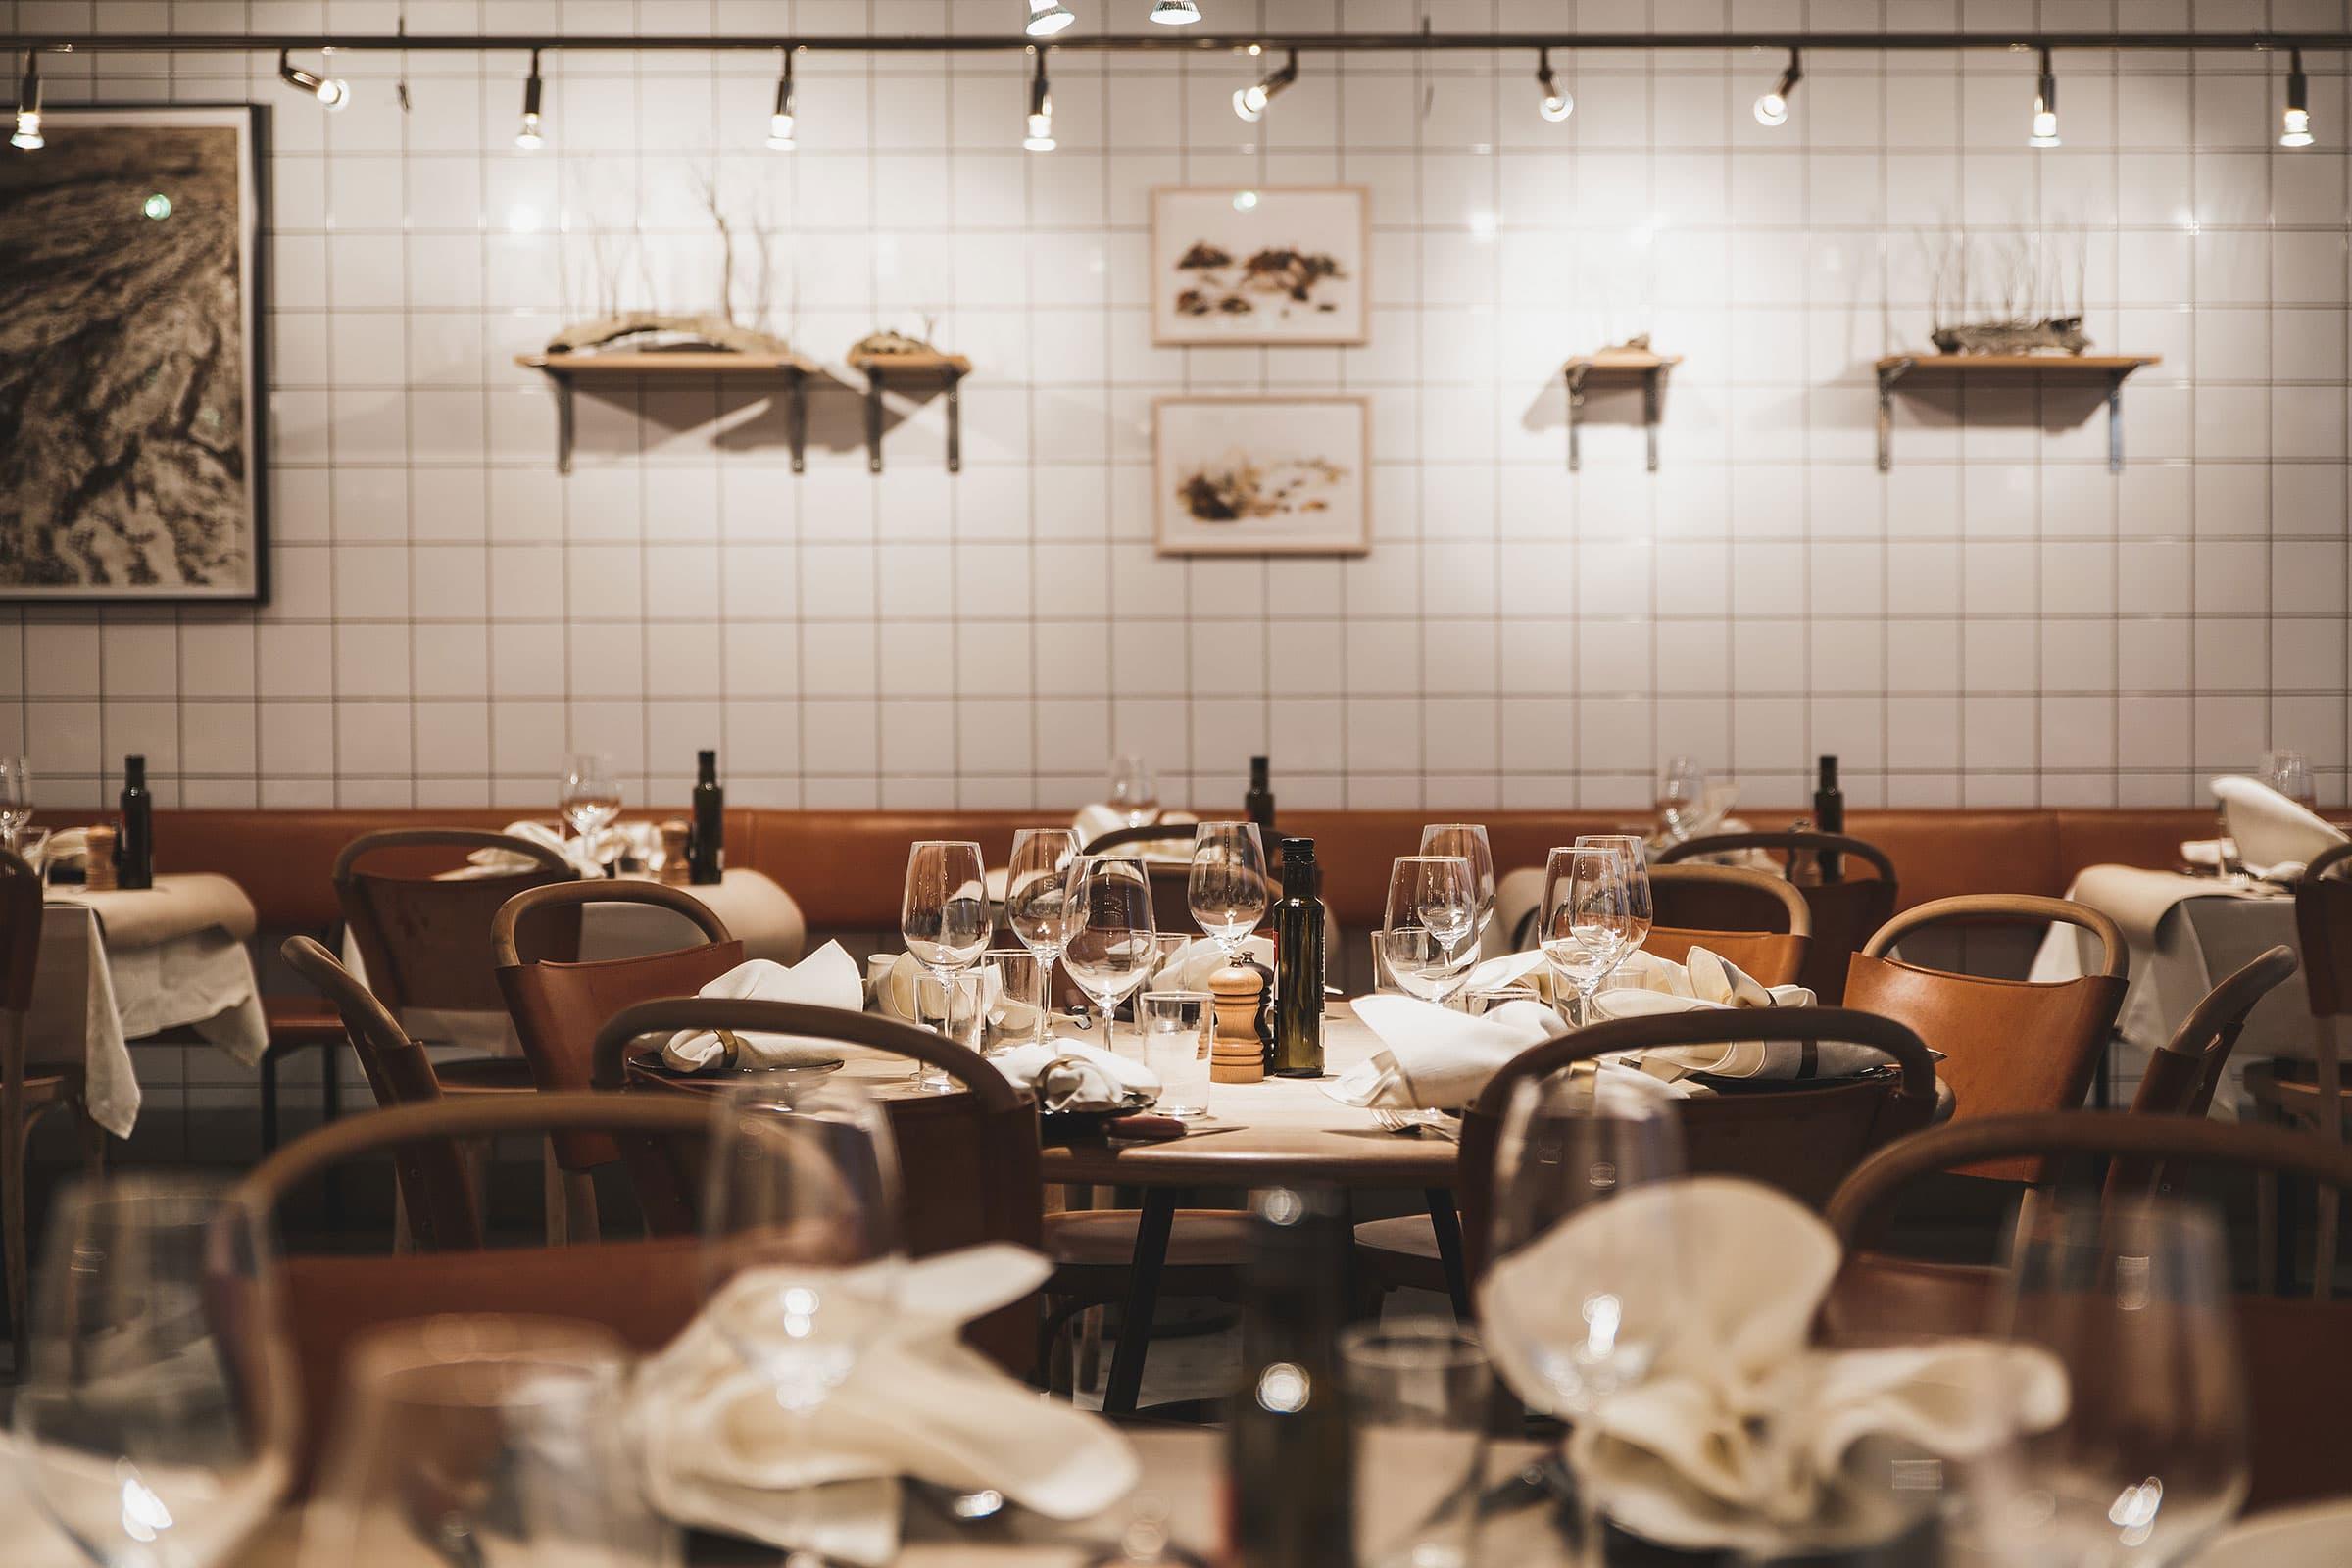 stockholms hetaste restauranger